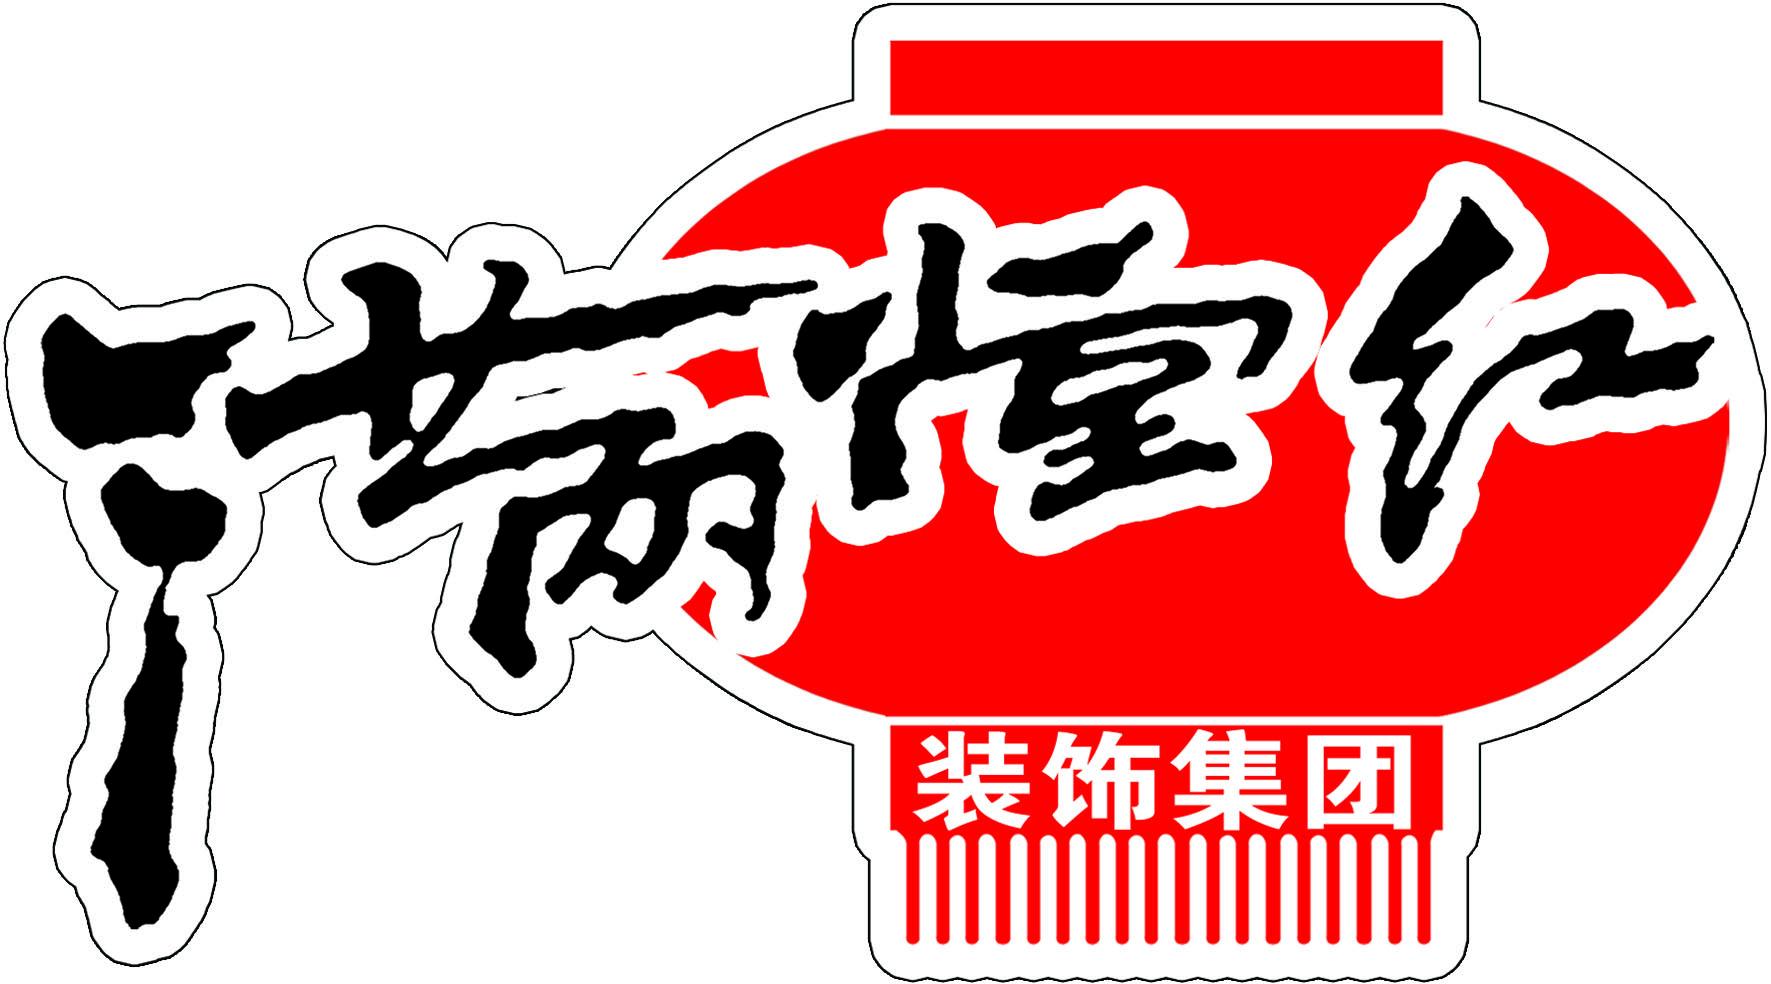 朔州市满堂红装饰有限公司